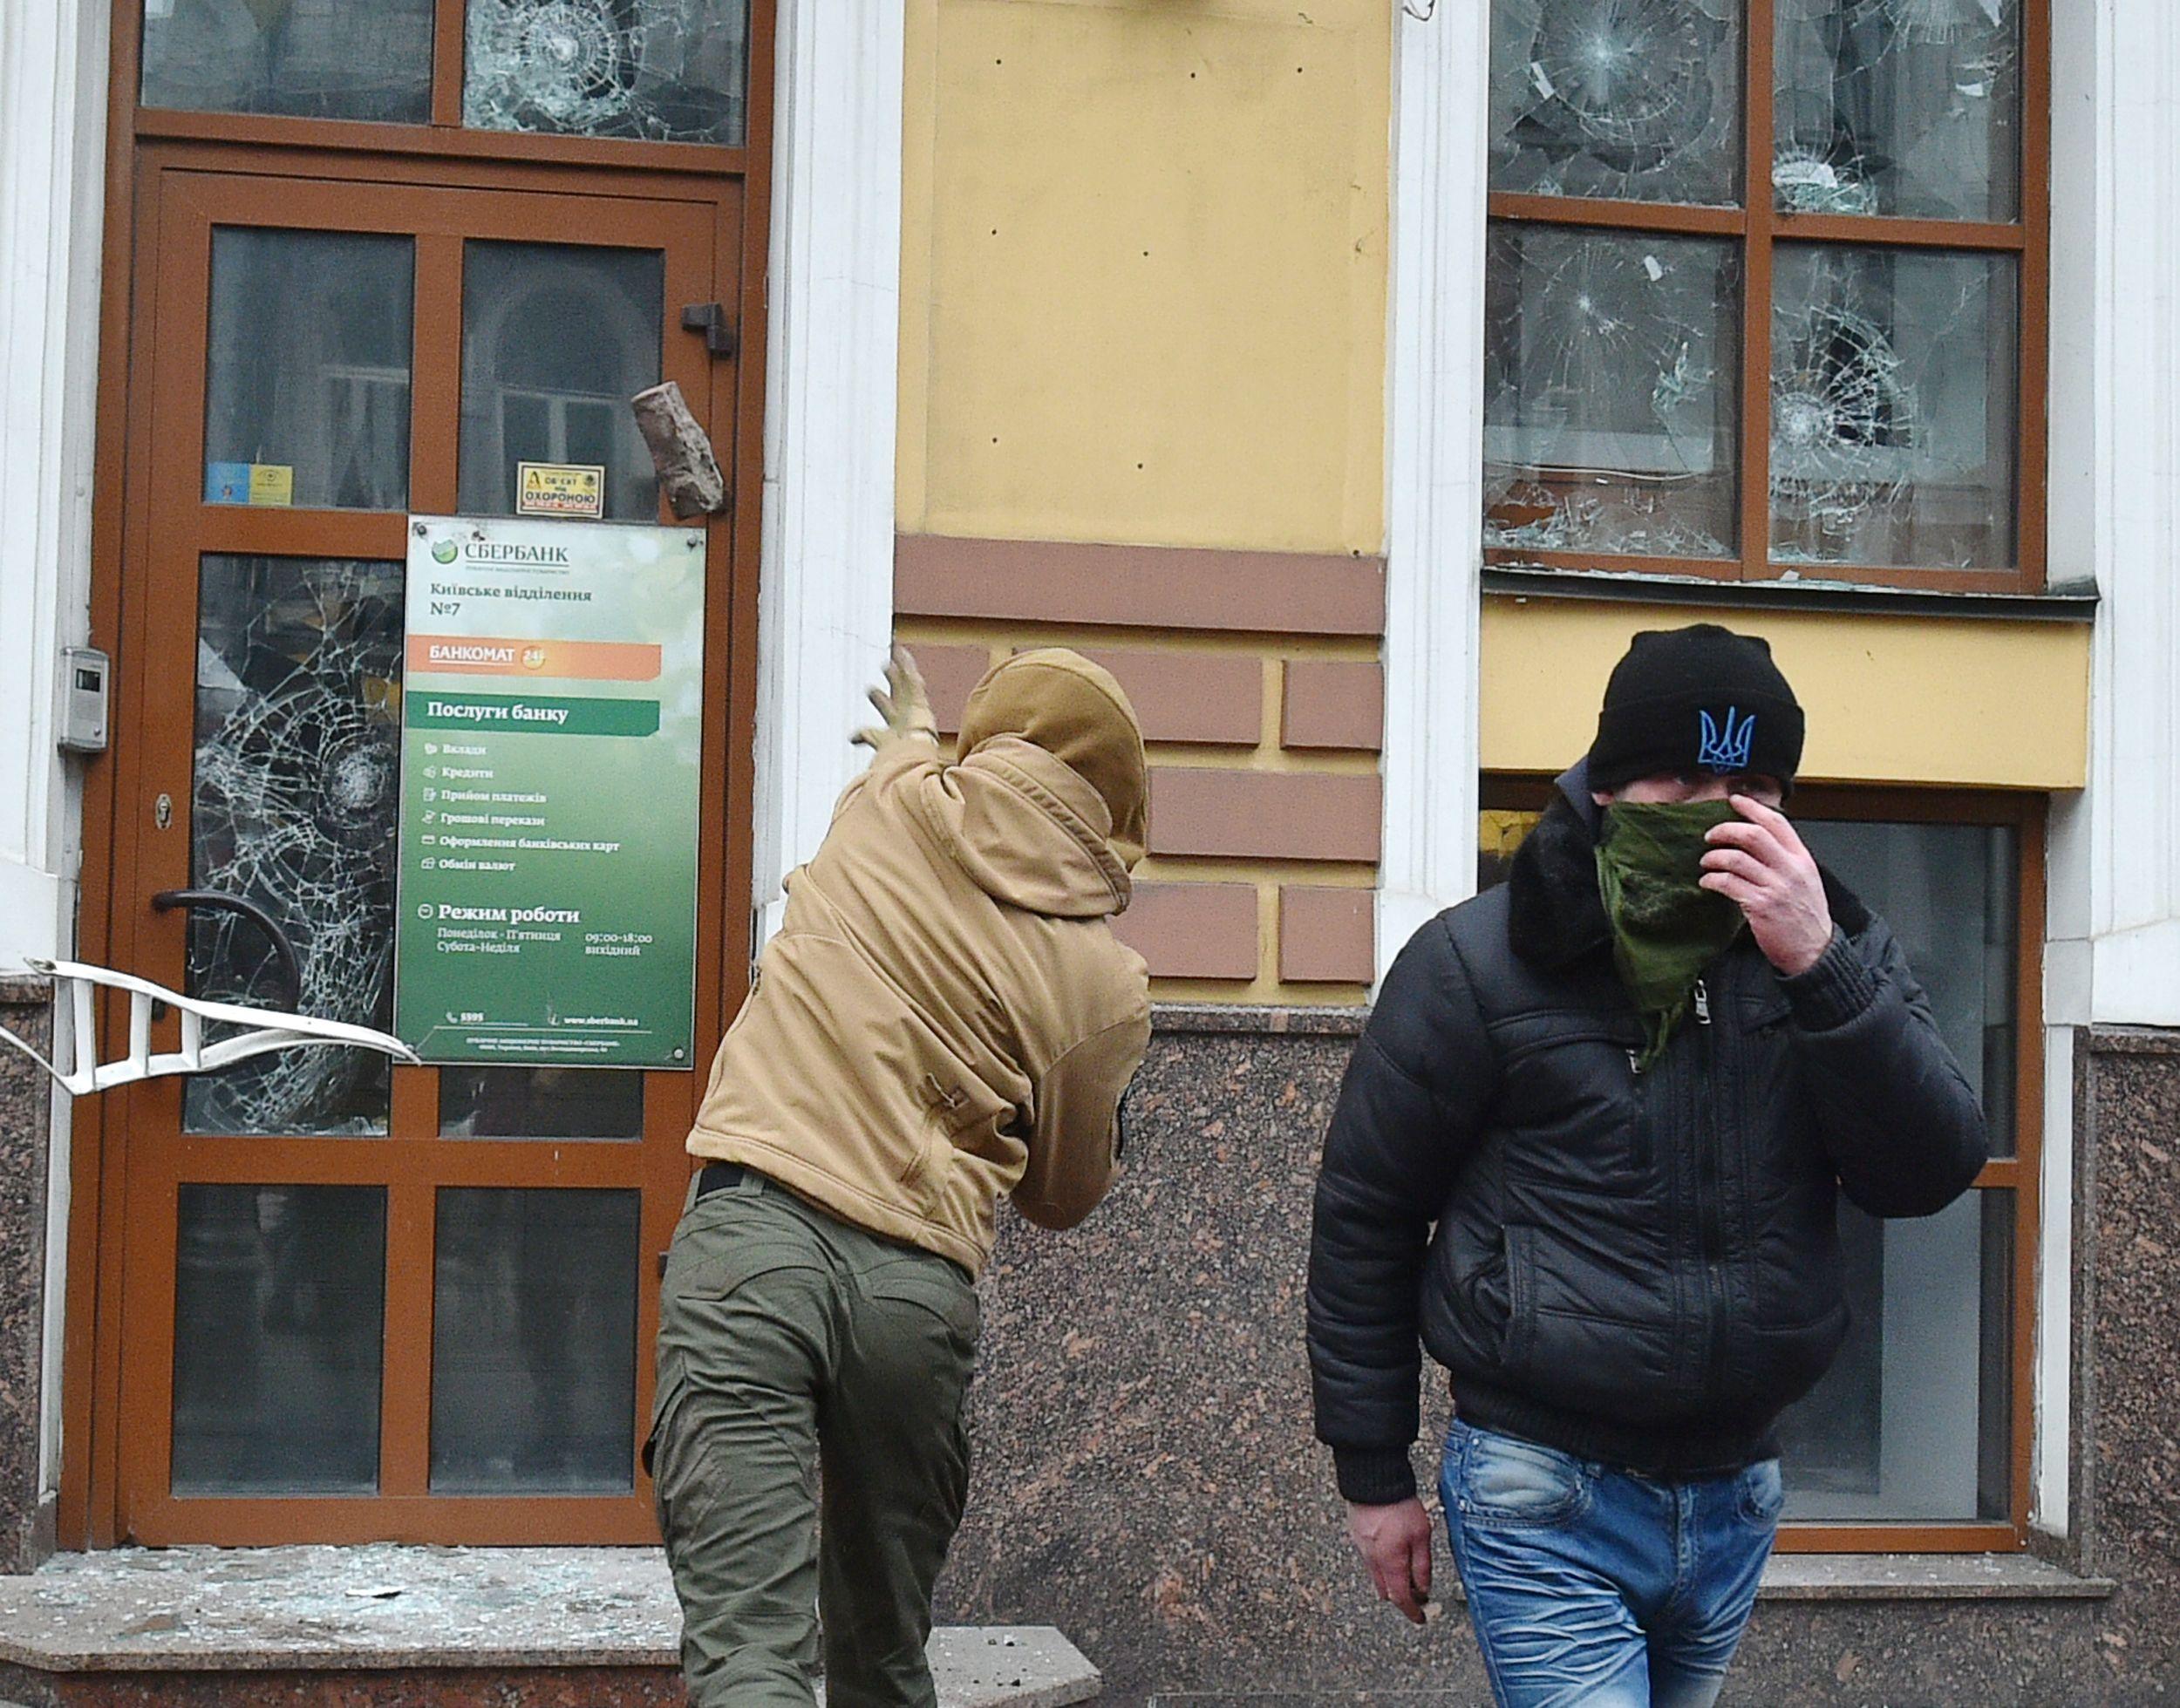 تحطيم نوافذ  فرع  سبيربانك المملوك لروسيا